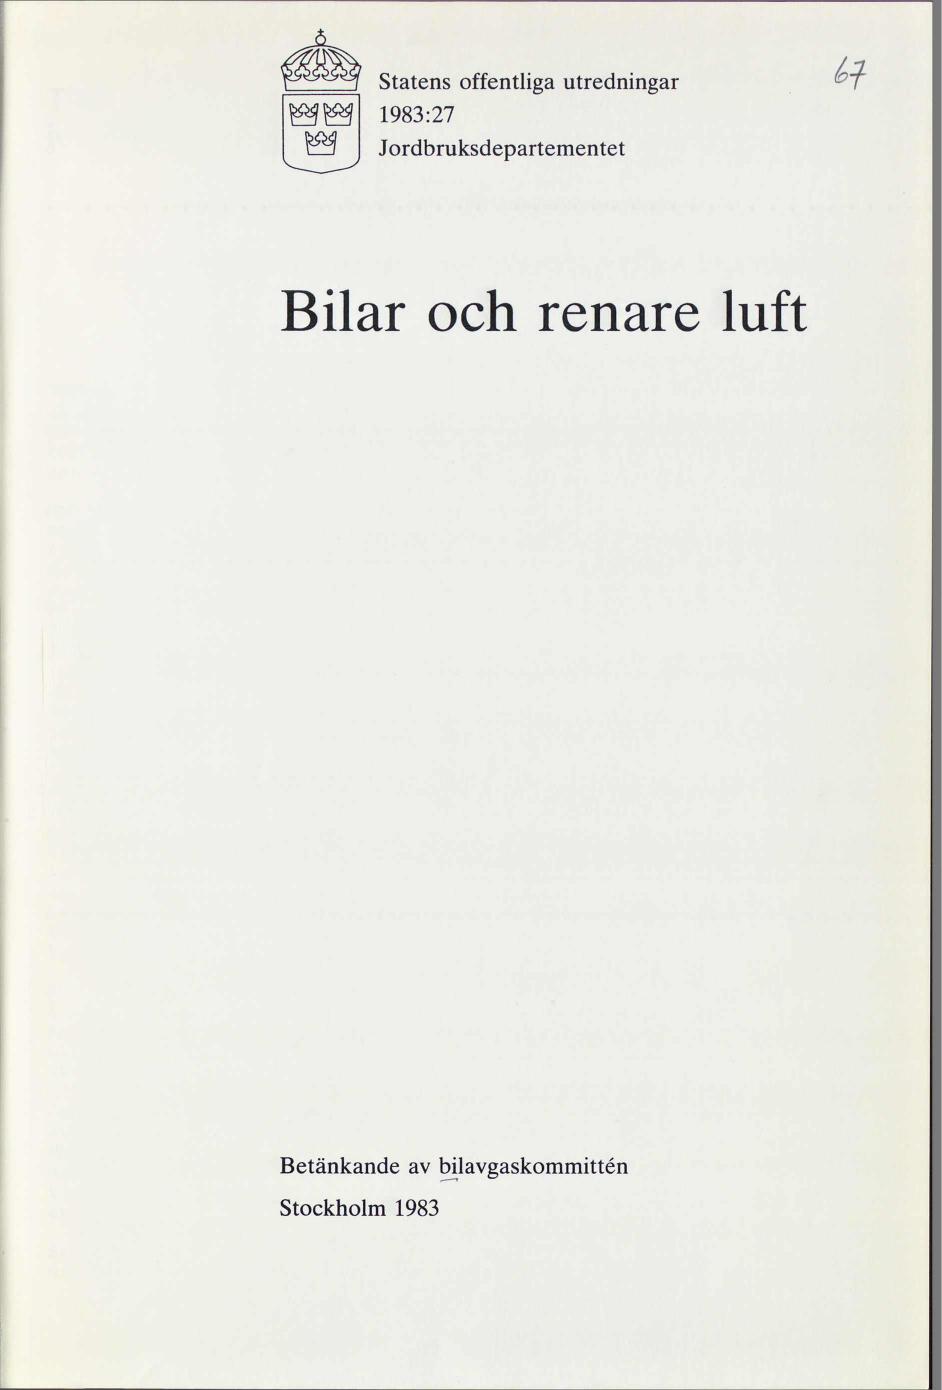 Svensk modell for renare luft i usa